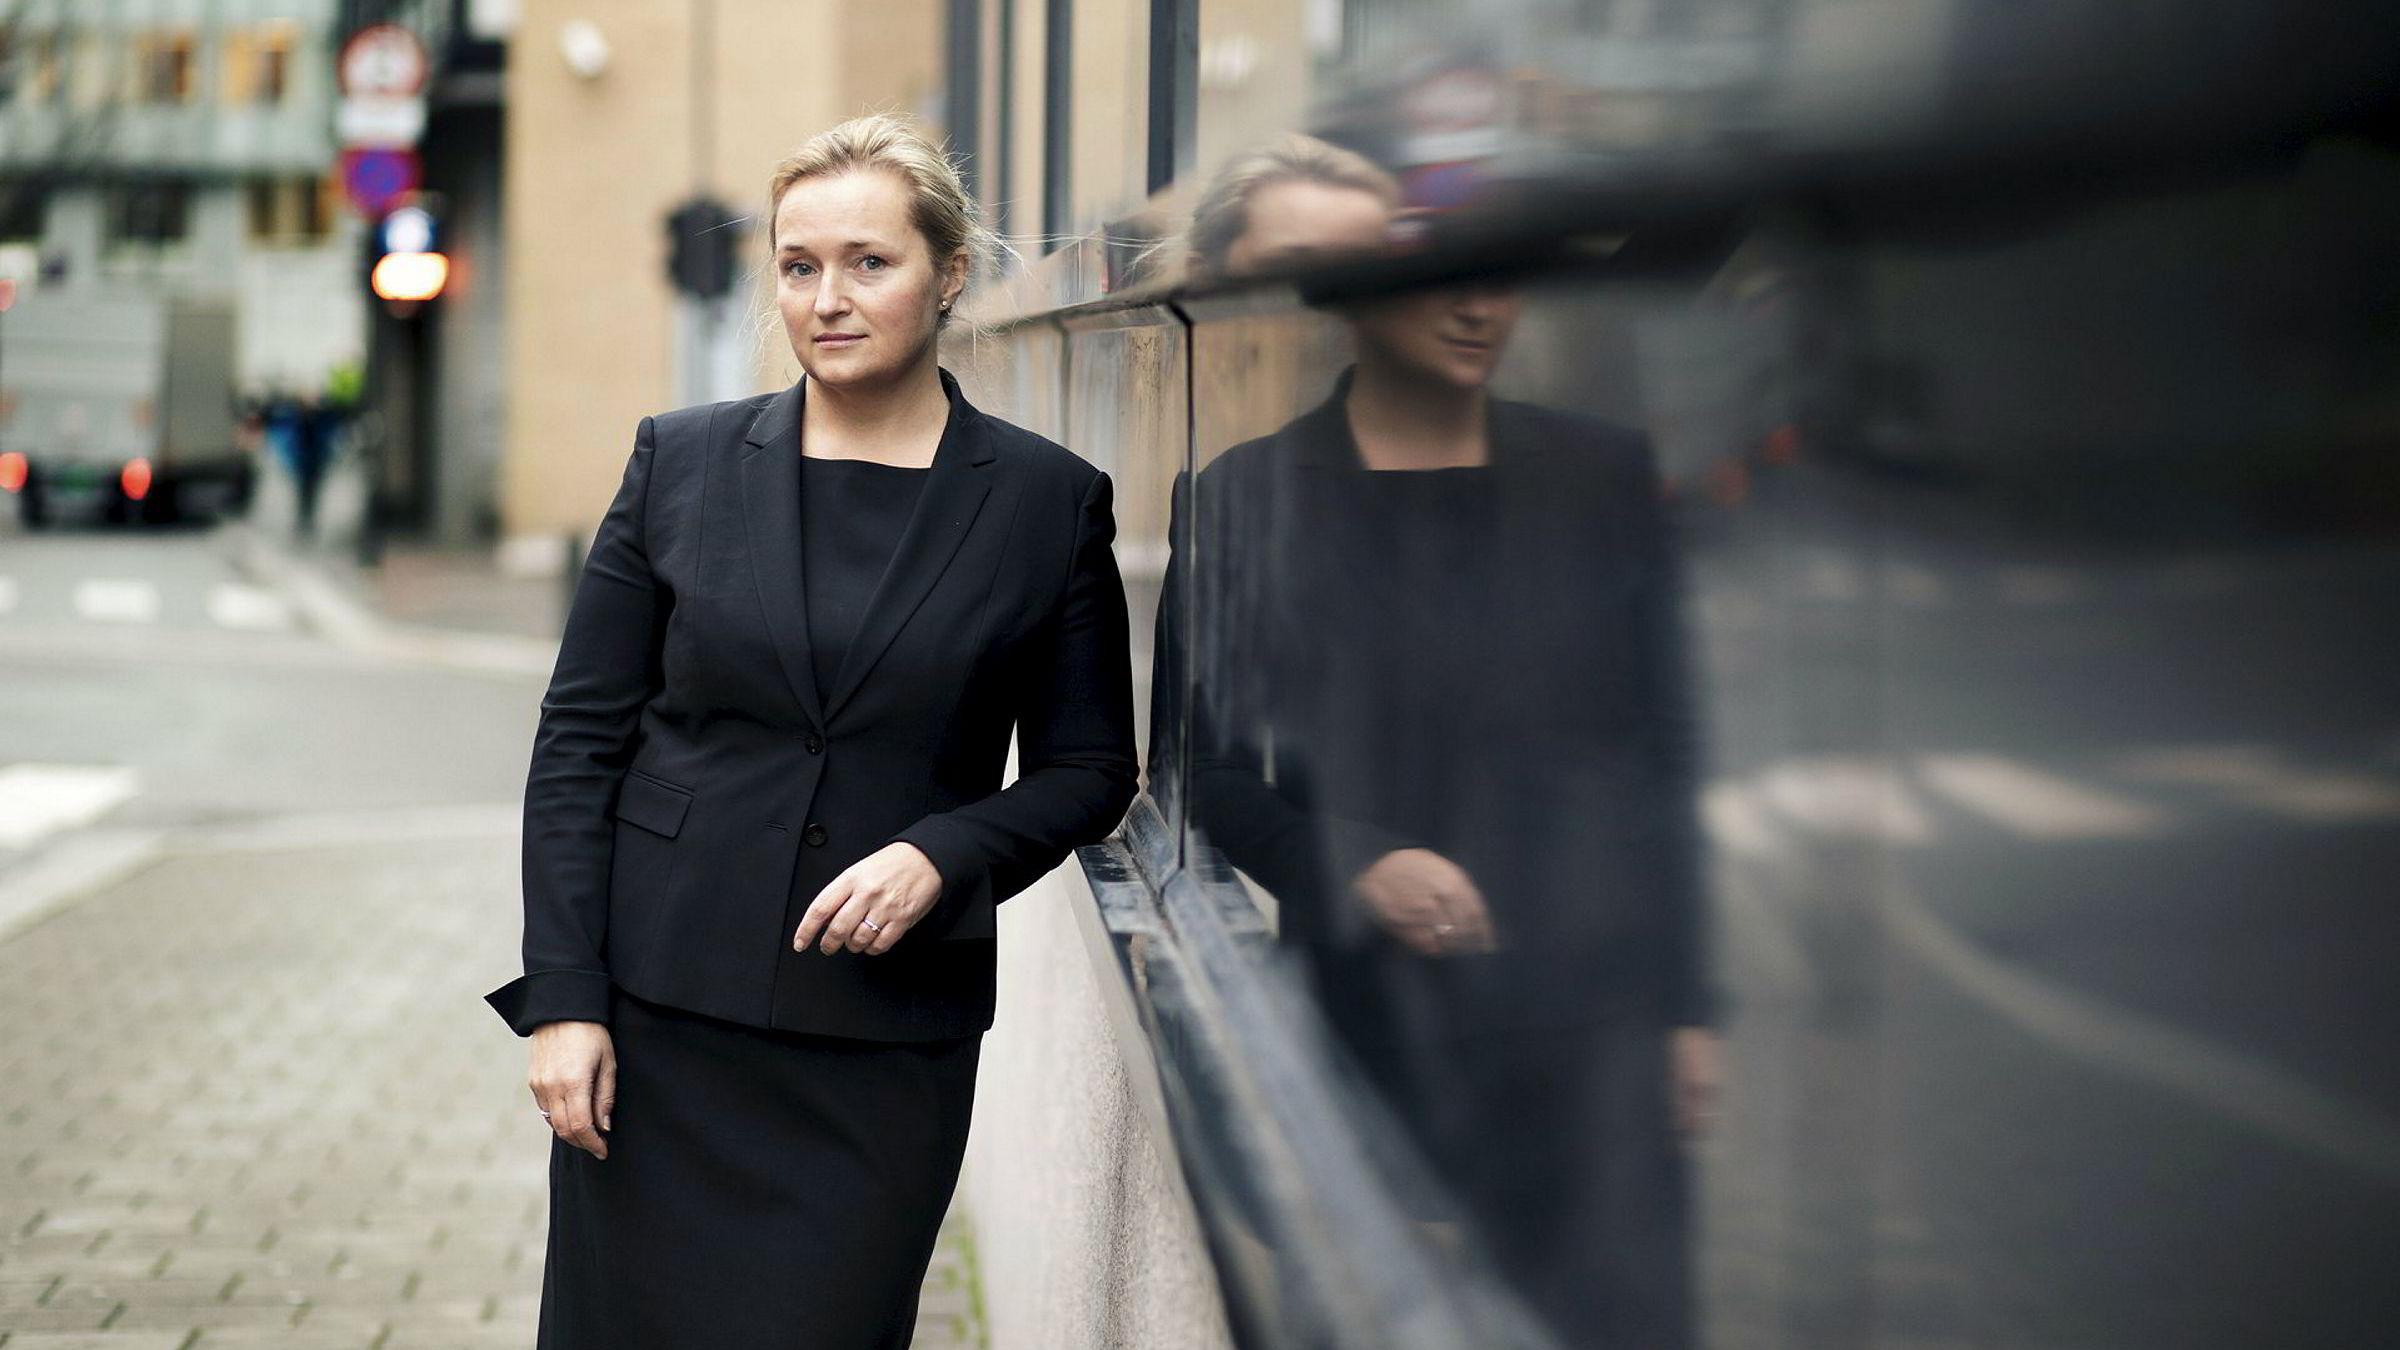 Advokat Trude Stormoen sier hennes klient er veldig lettet over at hun kan legge BankID-svindelen bak seg. Men advokaten mener det kunne vært en fordel om Høyesterett fikk en tilsvarende sak til behandling, slik at ny rettspraksis kunne blitt ytterligere stadfestet.